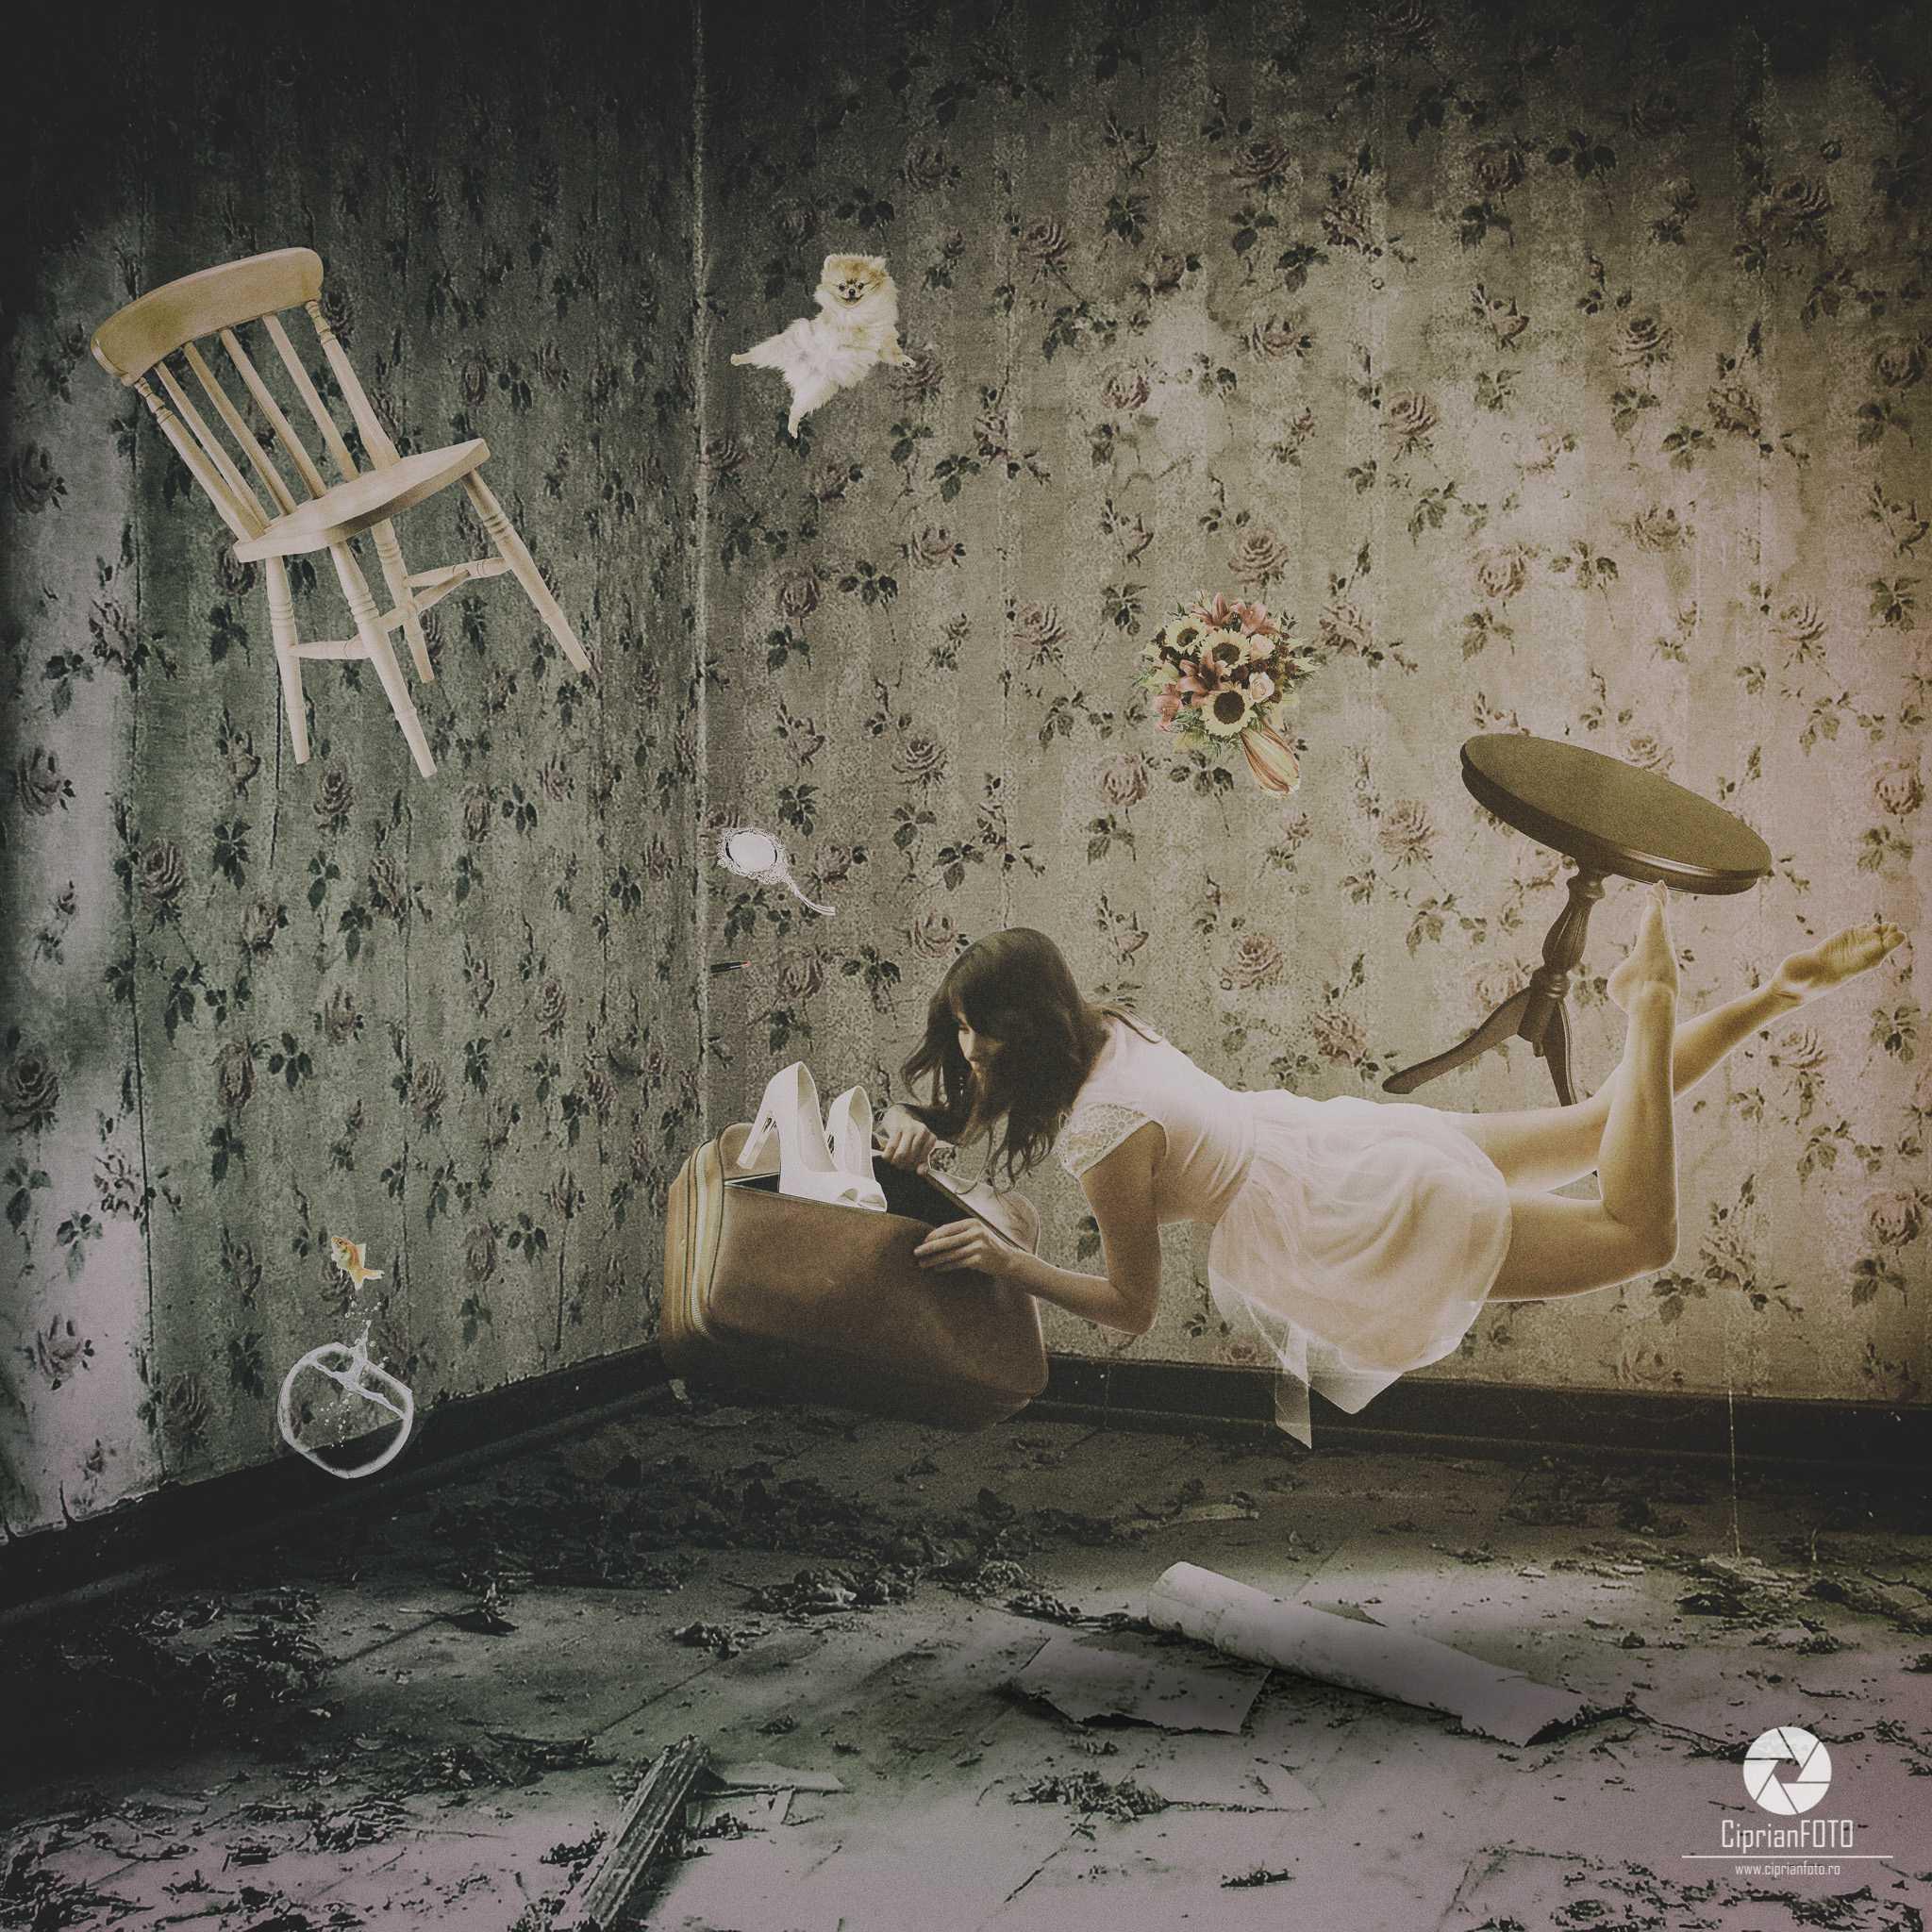 Levitation, Photoshop Manipulation Tutorial, CiprianFOTO